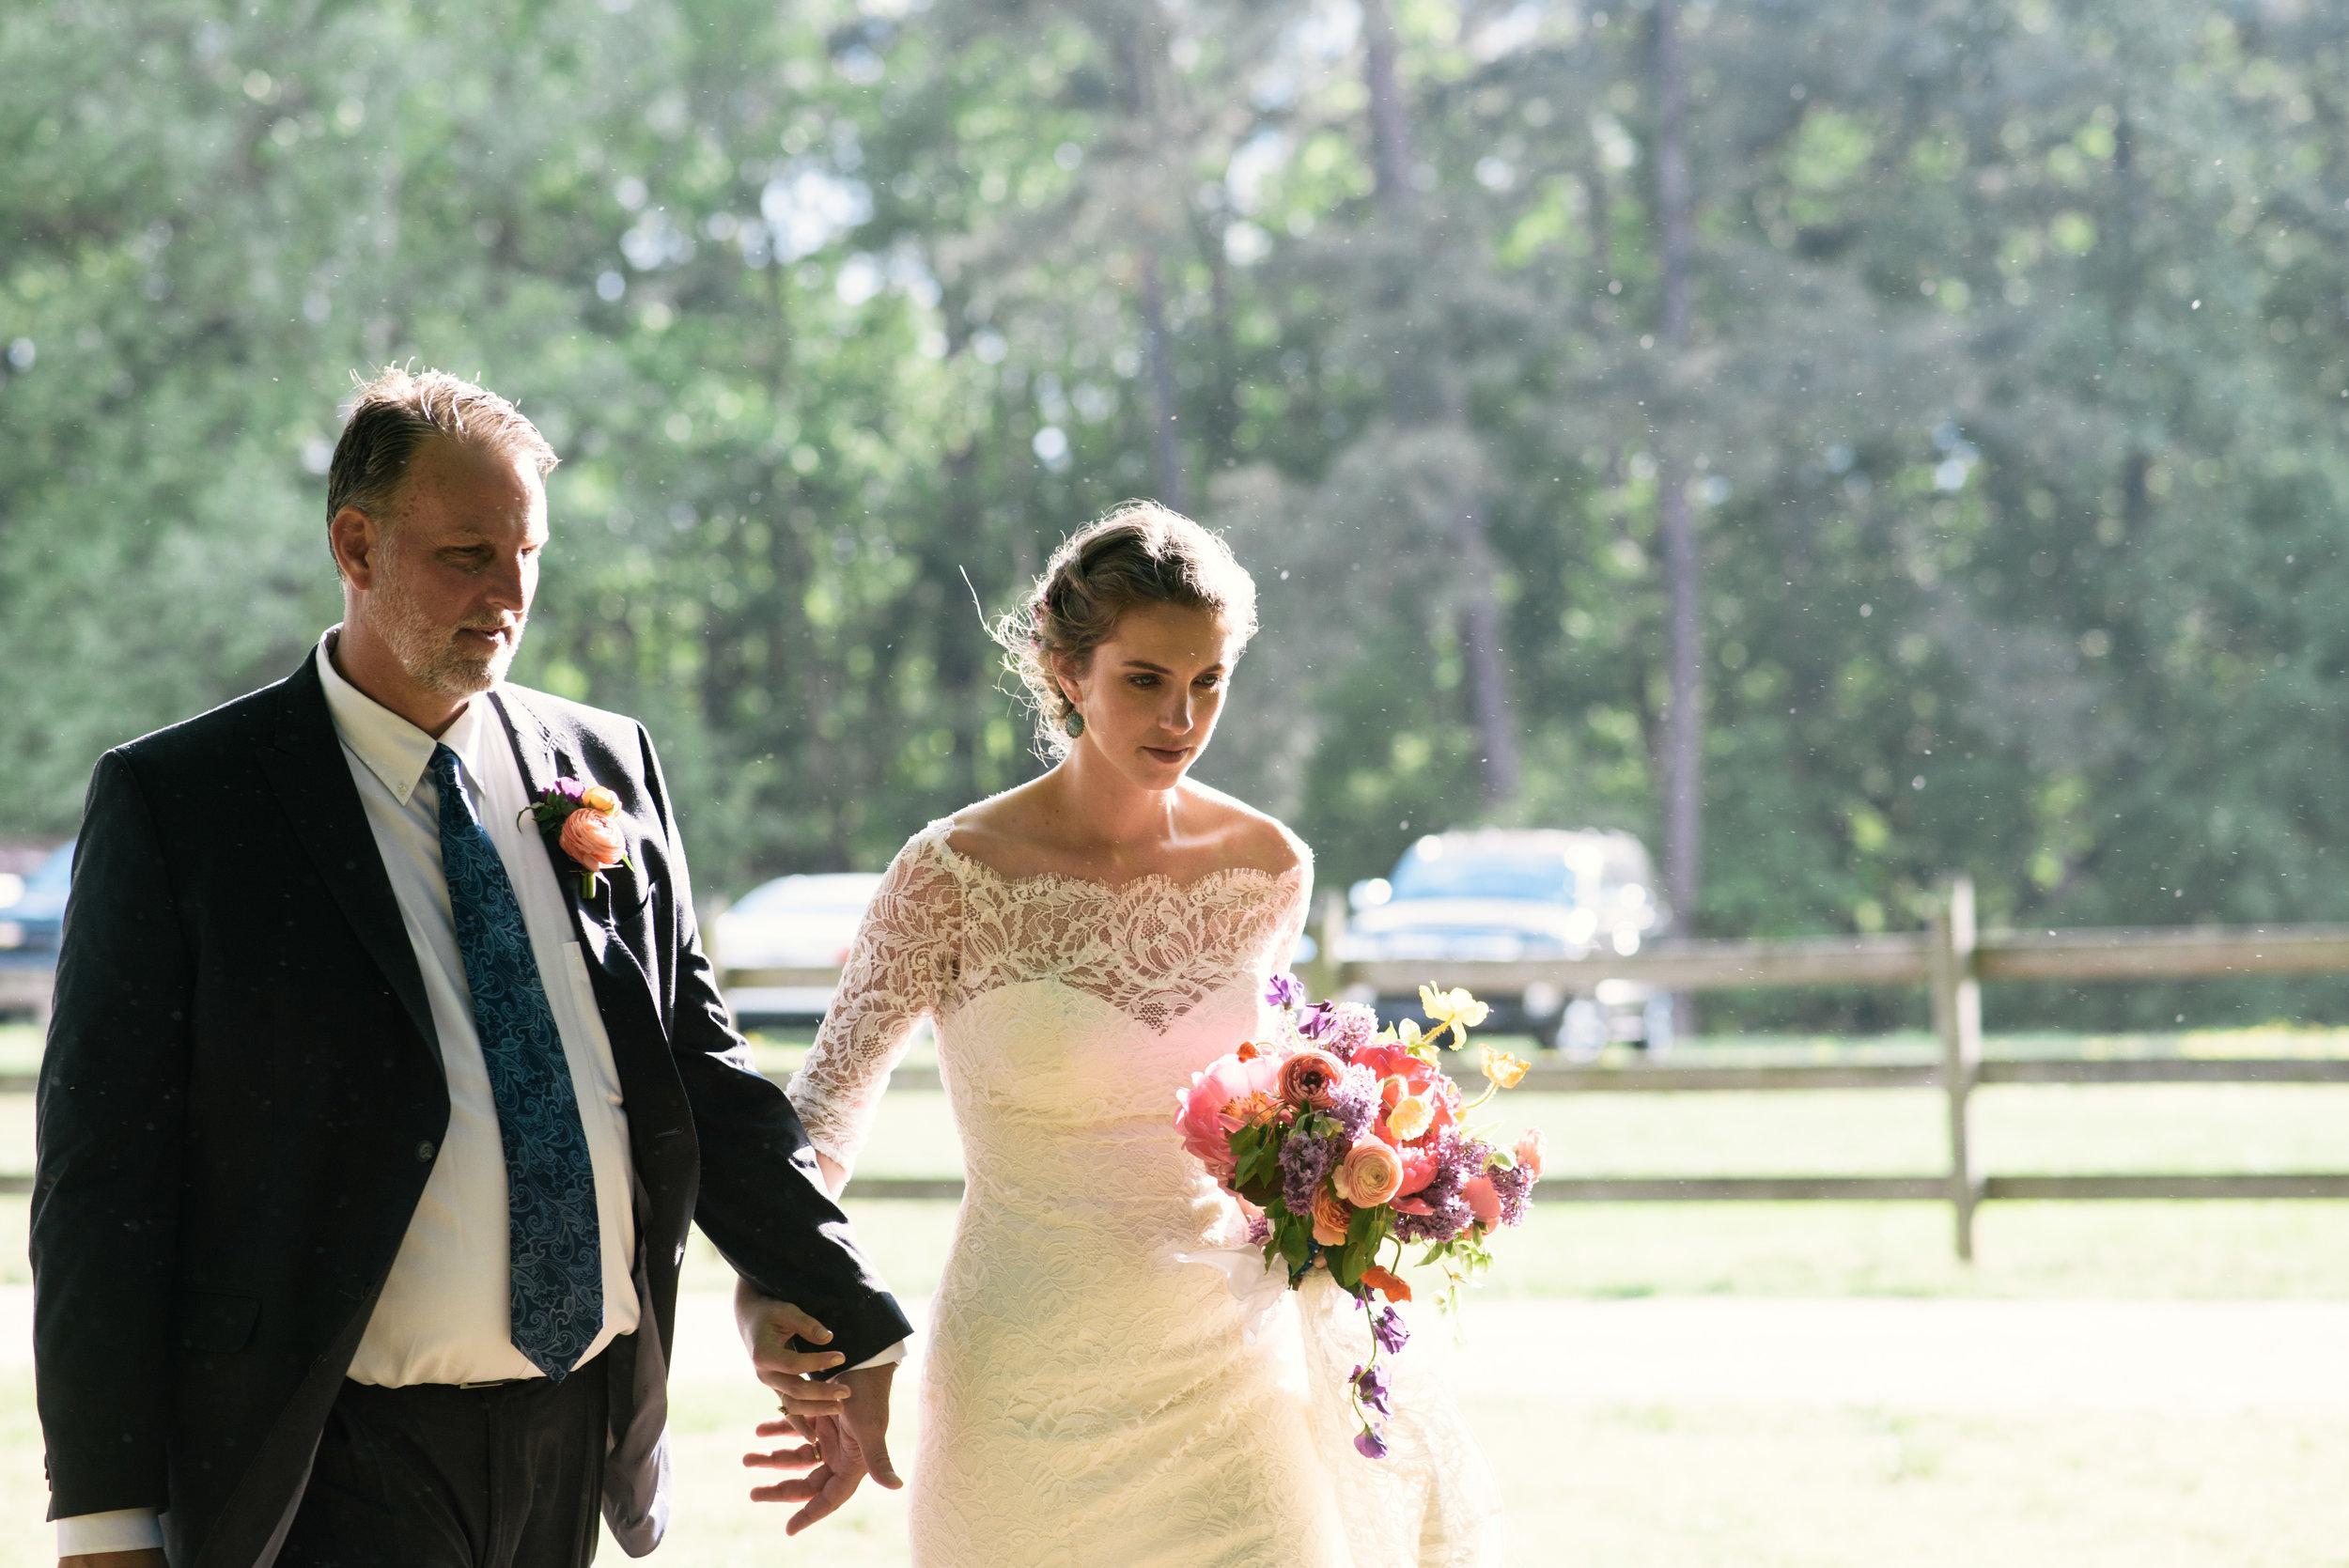 raleigh-elopement-photographer-raleigh-durham-wedding-maddie-and-devin- (93 of 162).jpg